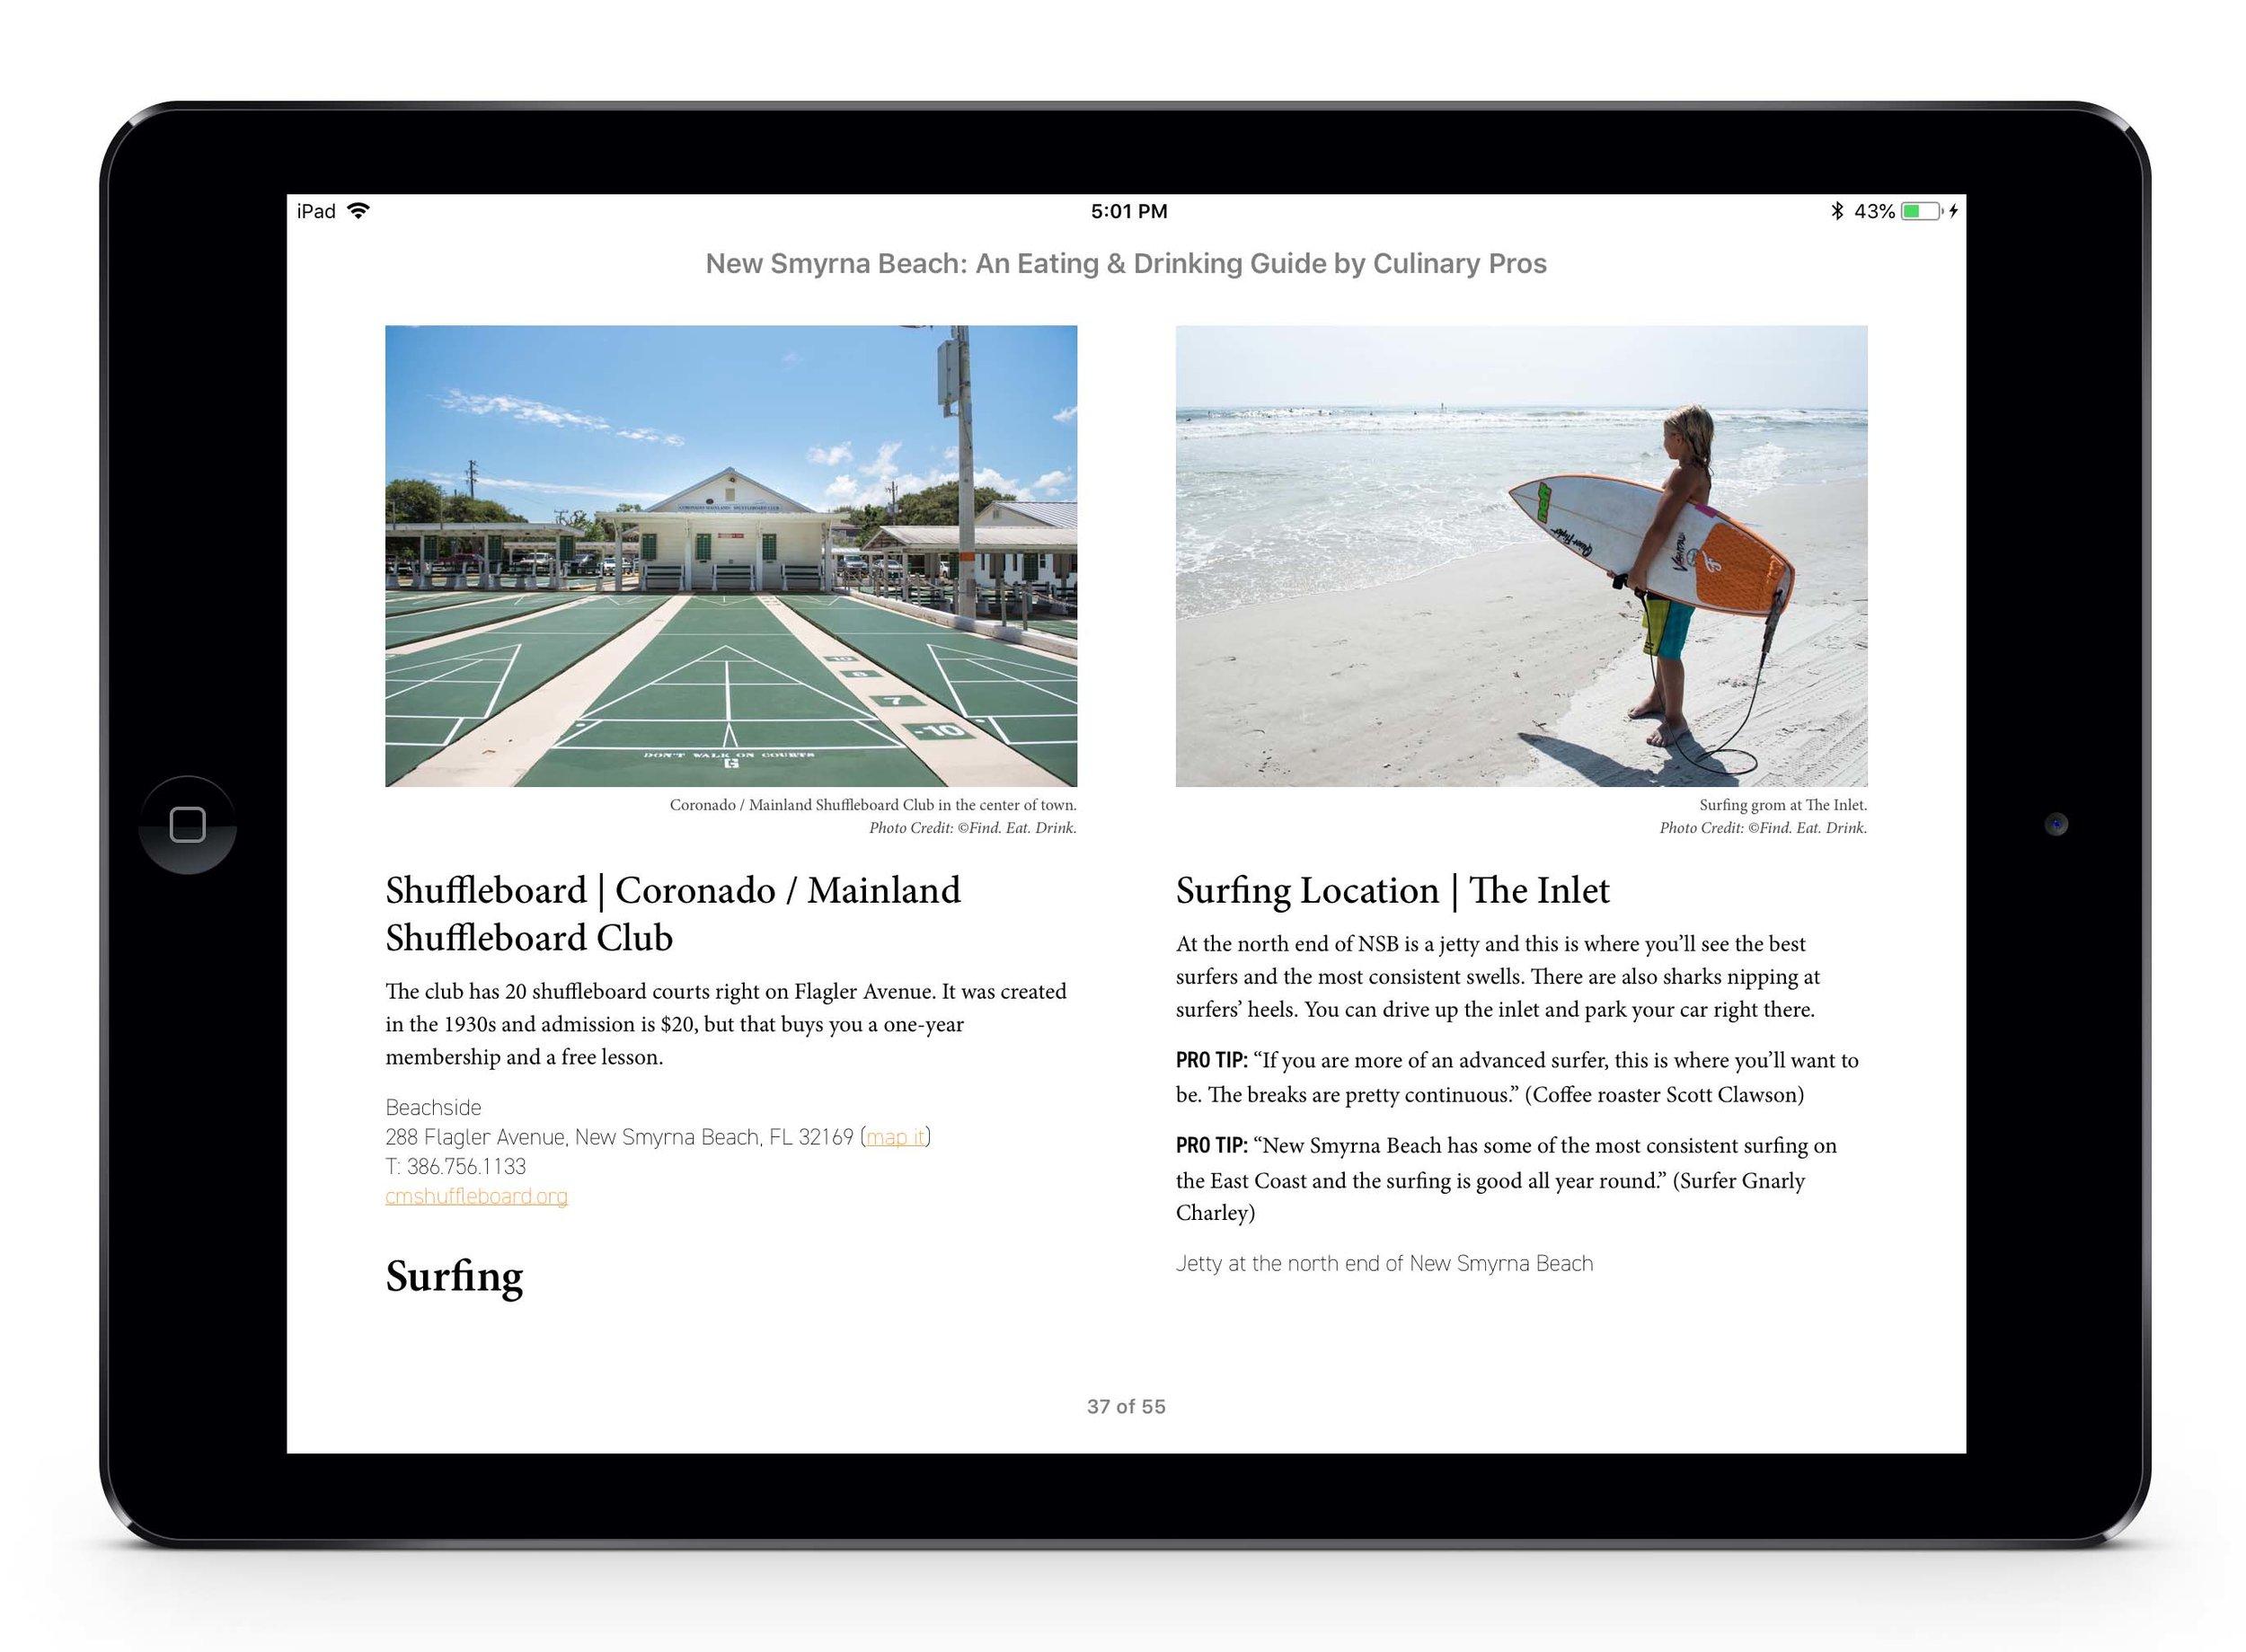 iPadAir_NSB_Screenshots_1.12.jpg